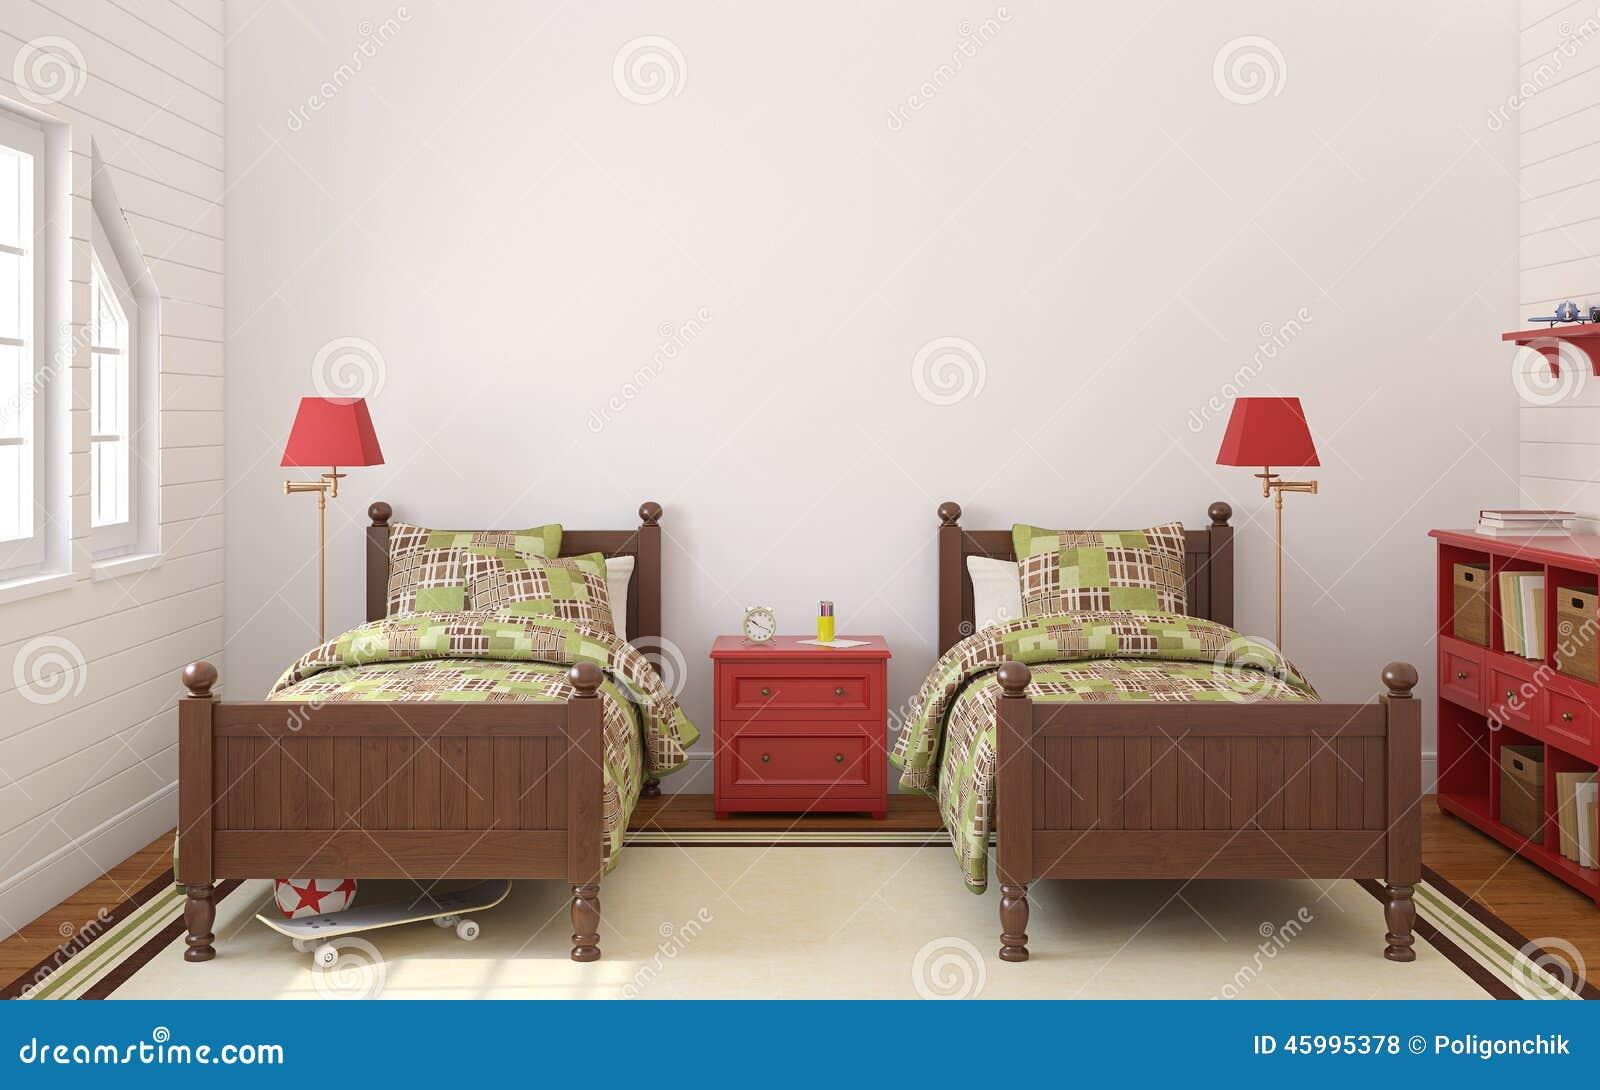 Camera da letto per due bambini illustrazione di stock illustrazione di moquette mobilia - Camera da letto per bambini ...